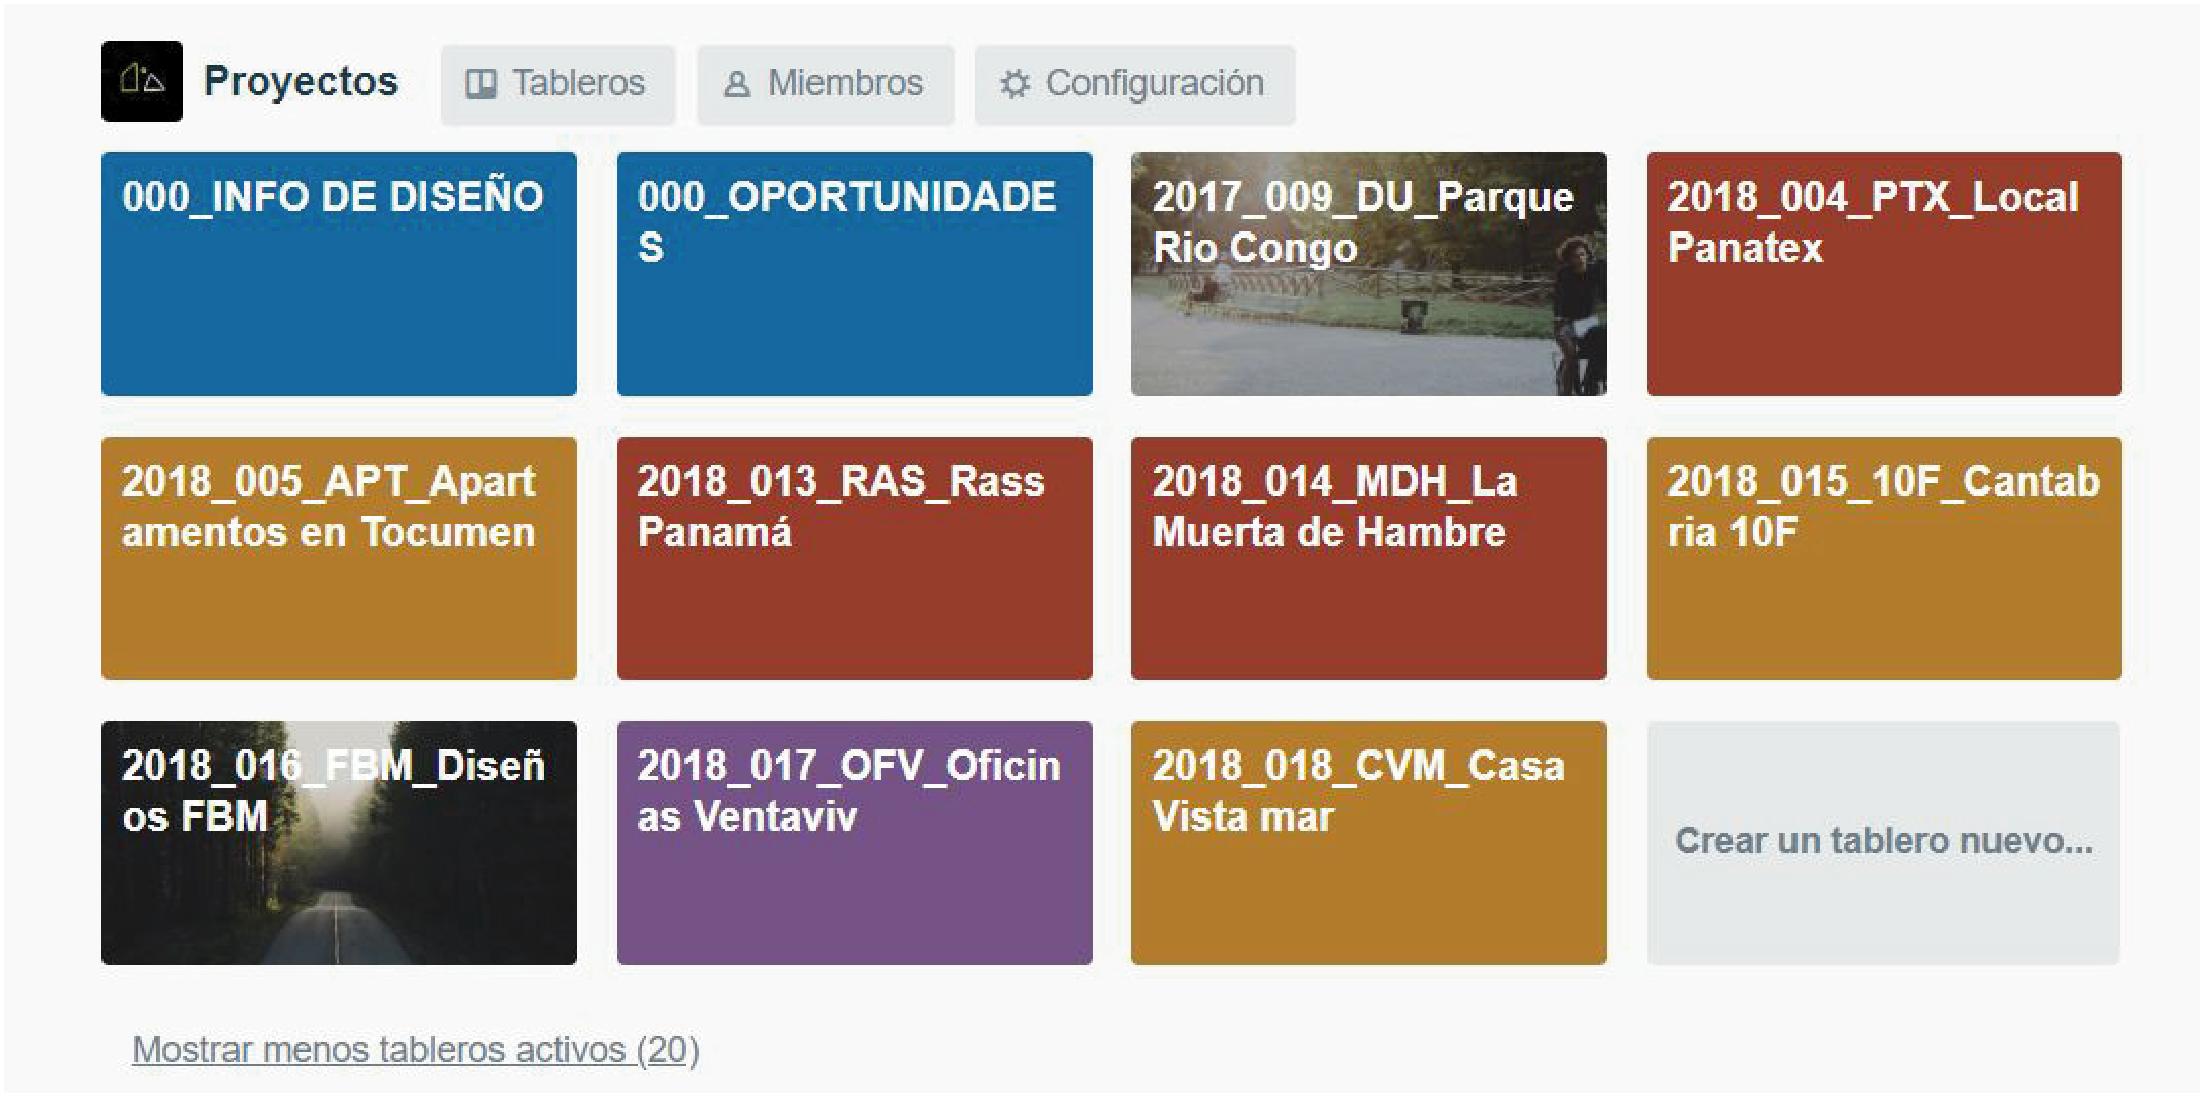 Tableros Organizados, donde cada Tablero representa un Proyecto